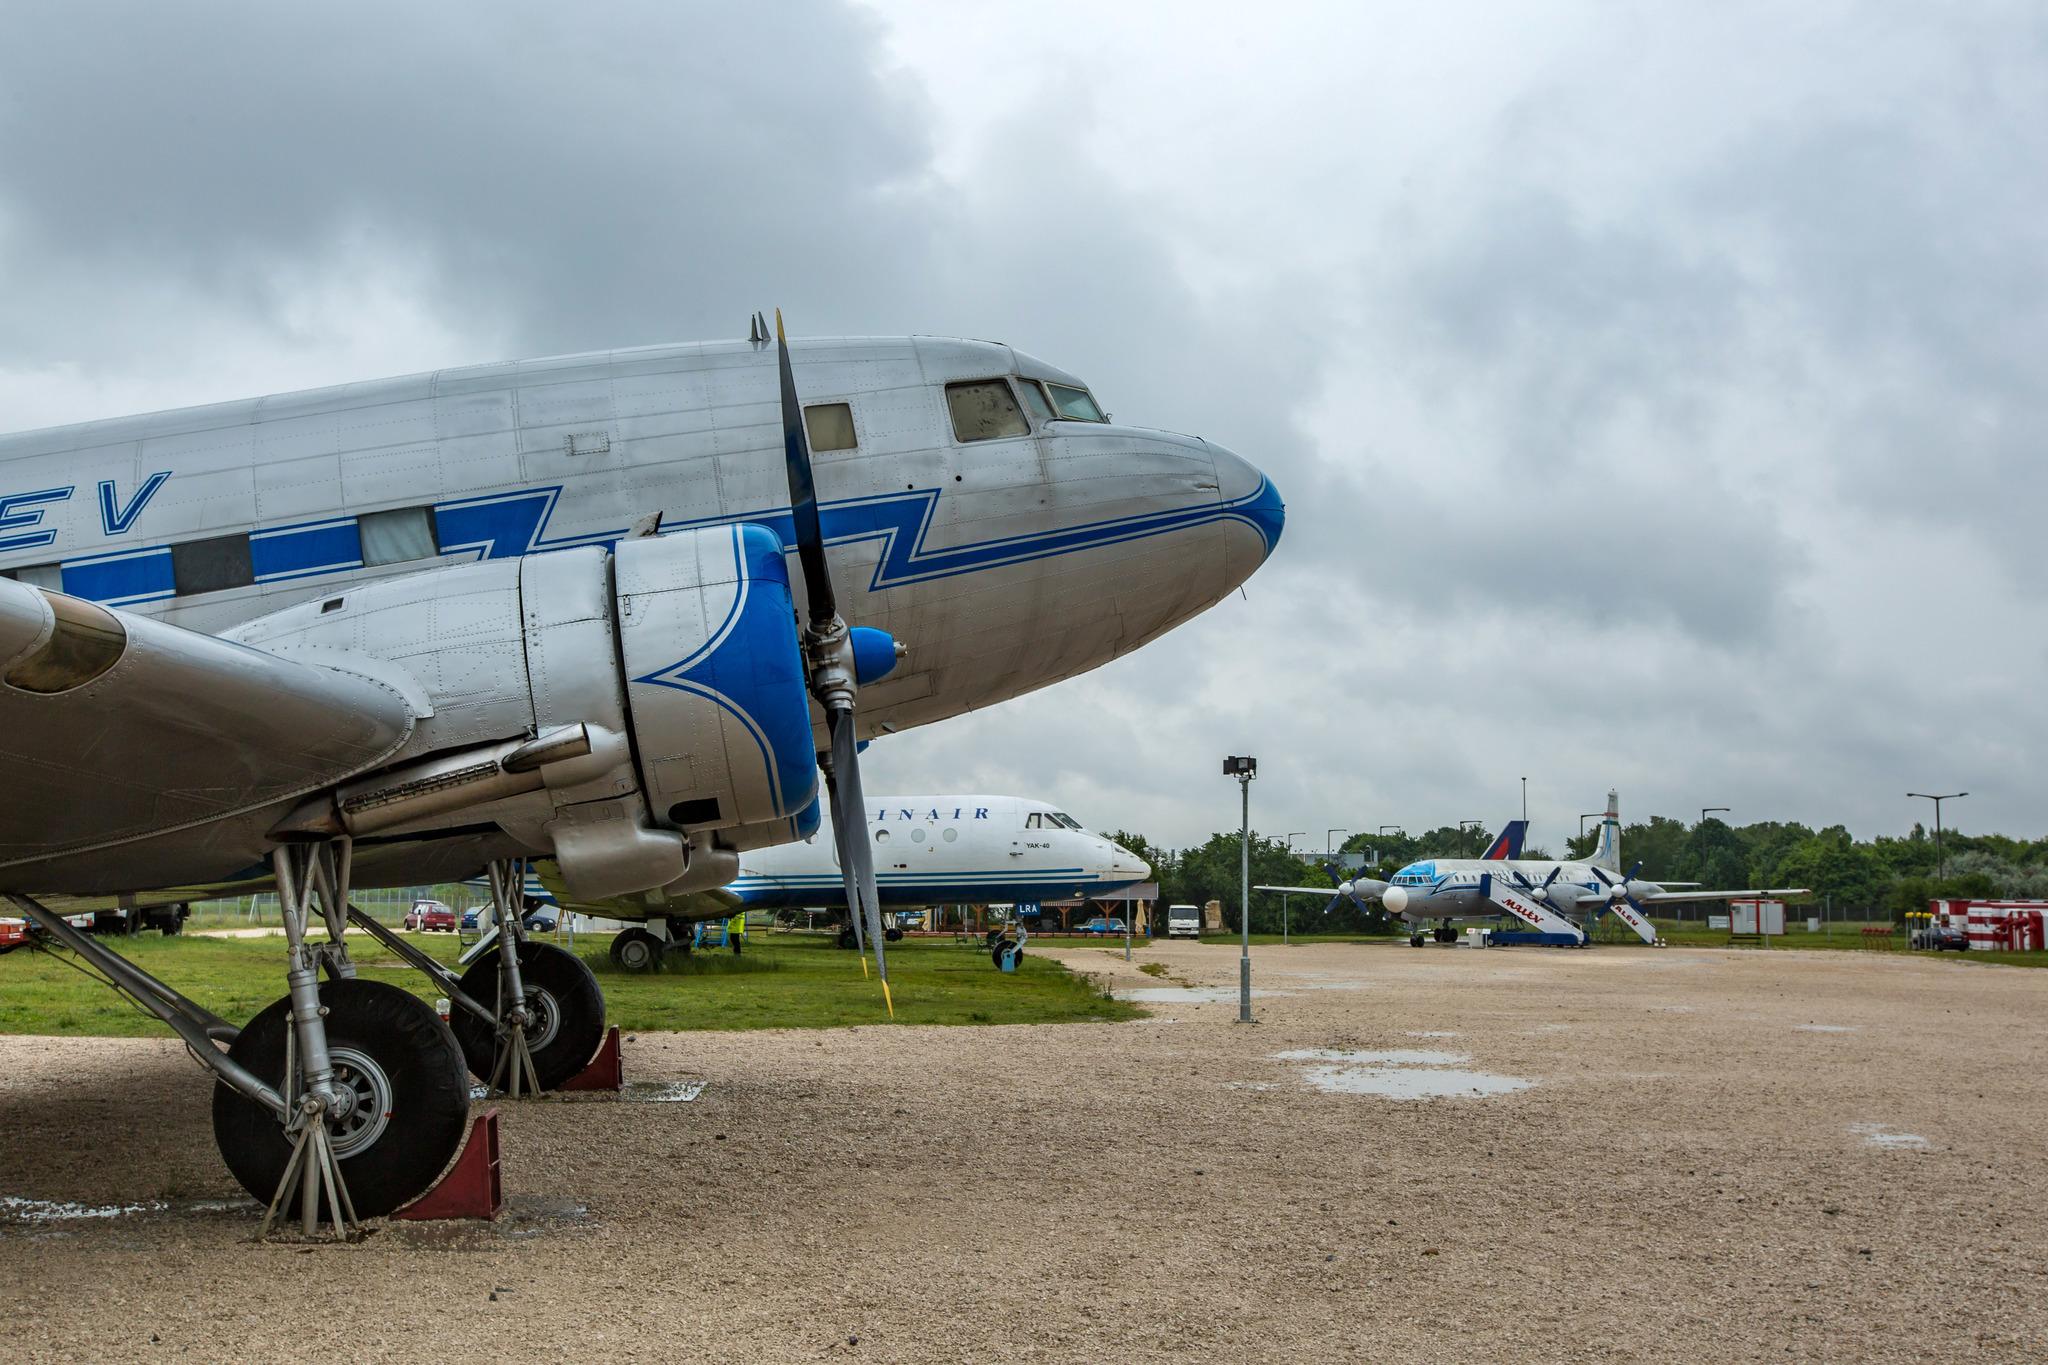 Музей советских самолётов в дебрях Евросоюза